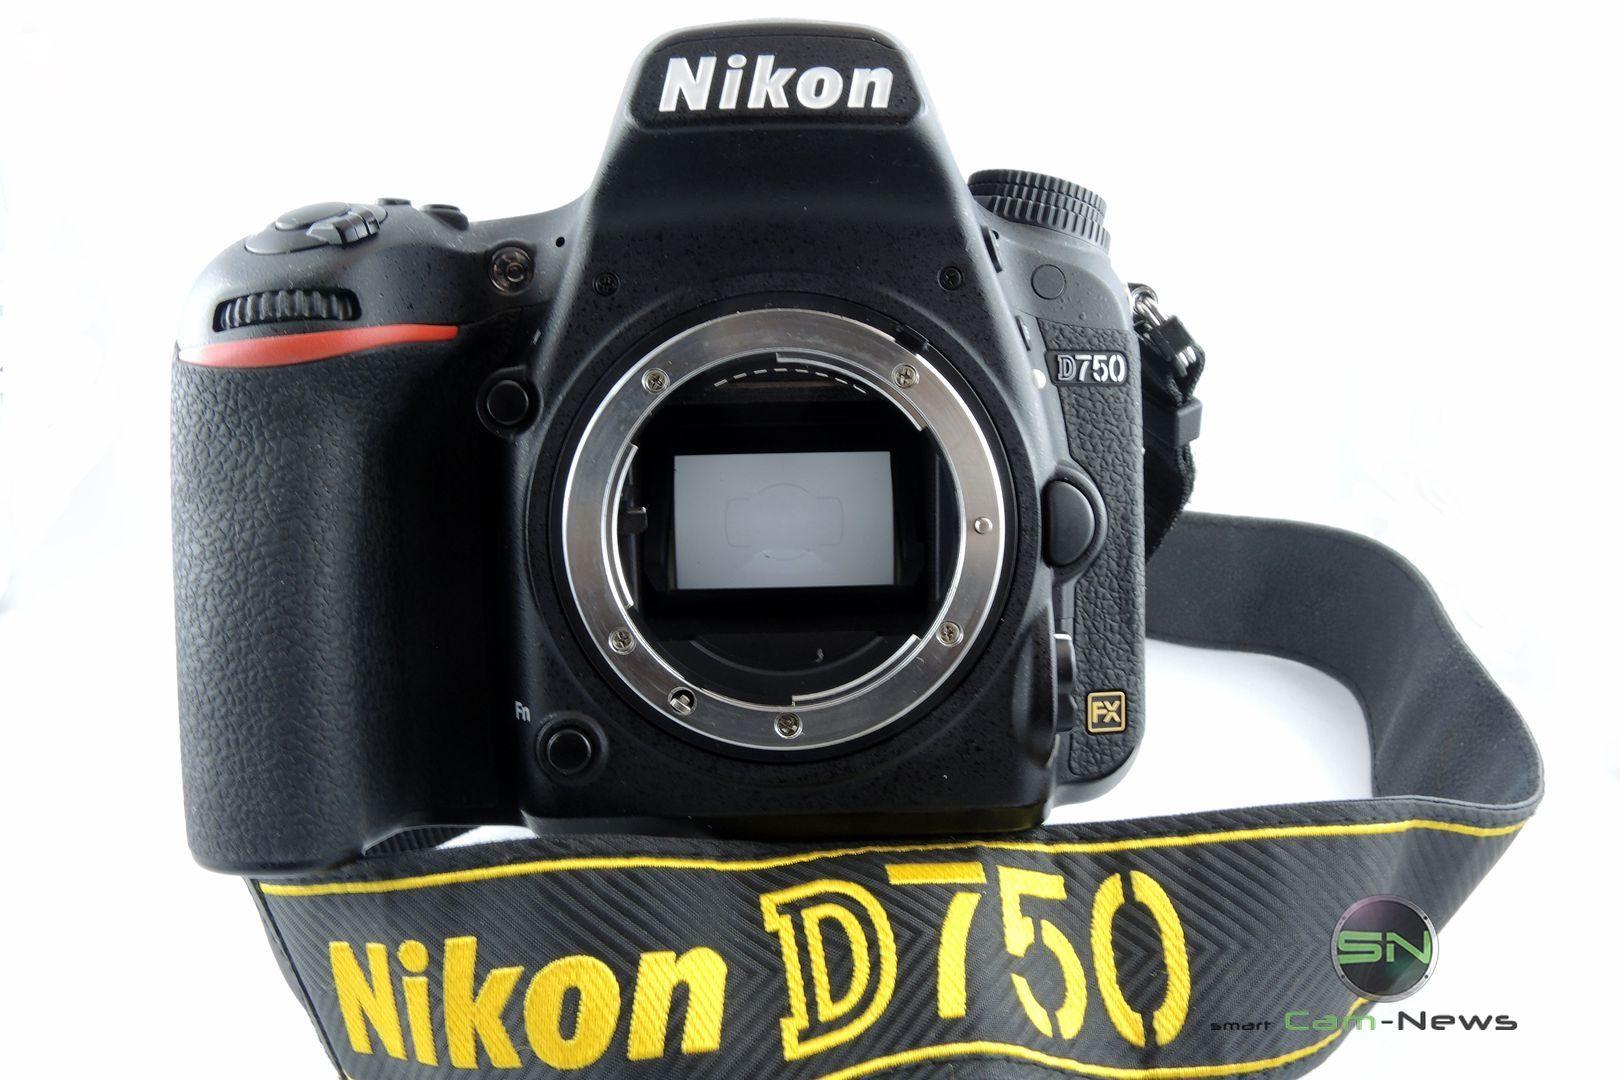 Vollformat FX Sensor - Nikon D750 - SmartCamNews